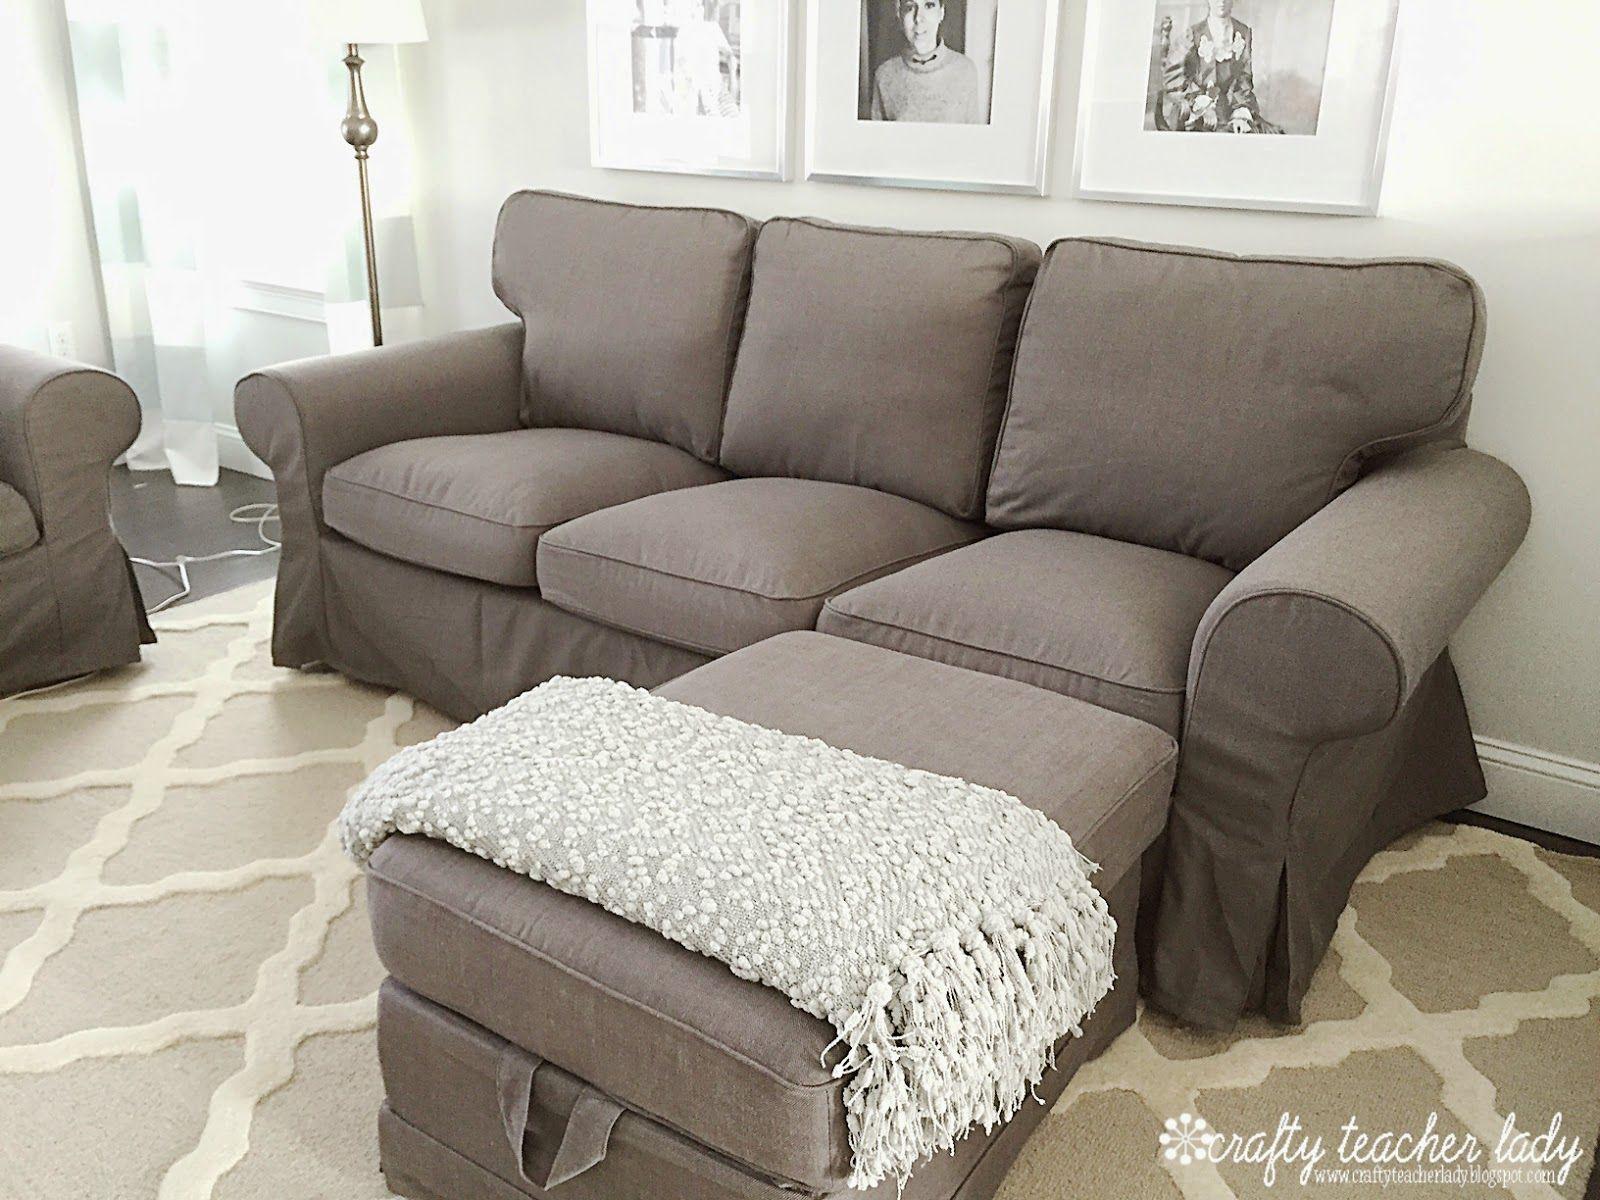 Review Of The Ikea Ektorp Sofa Series Ektorp Living Room Ektorp